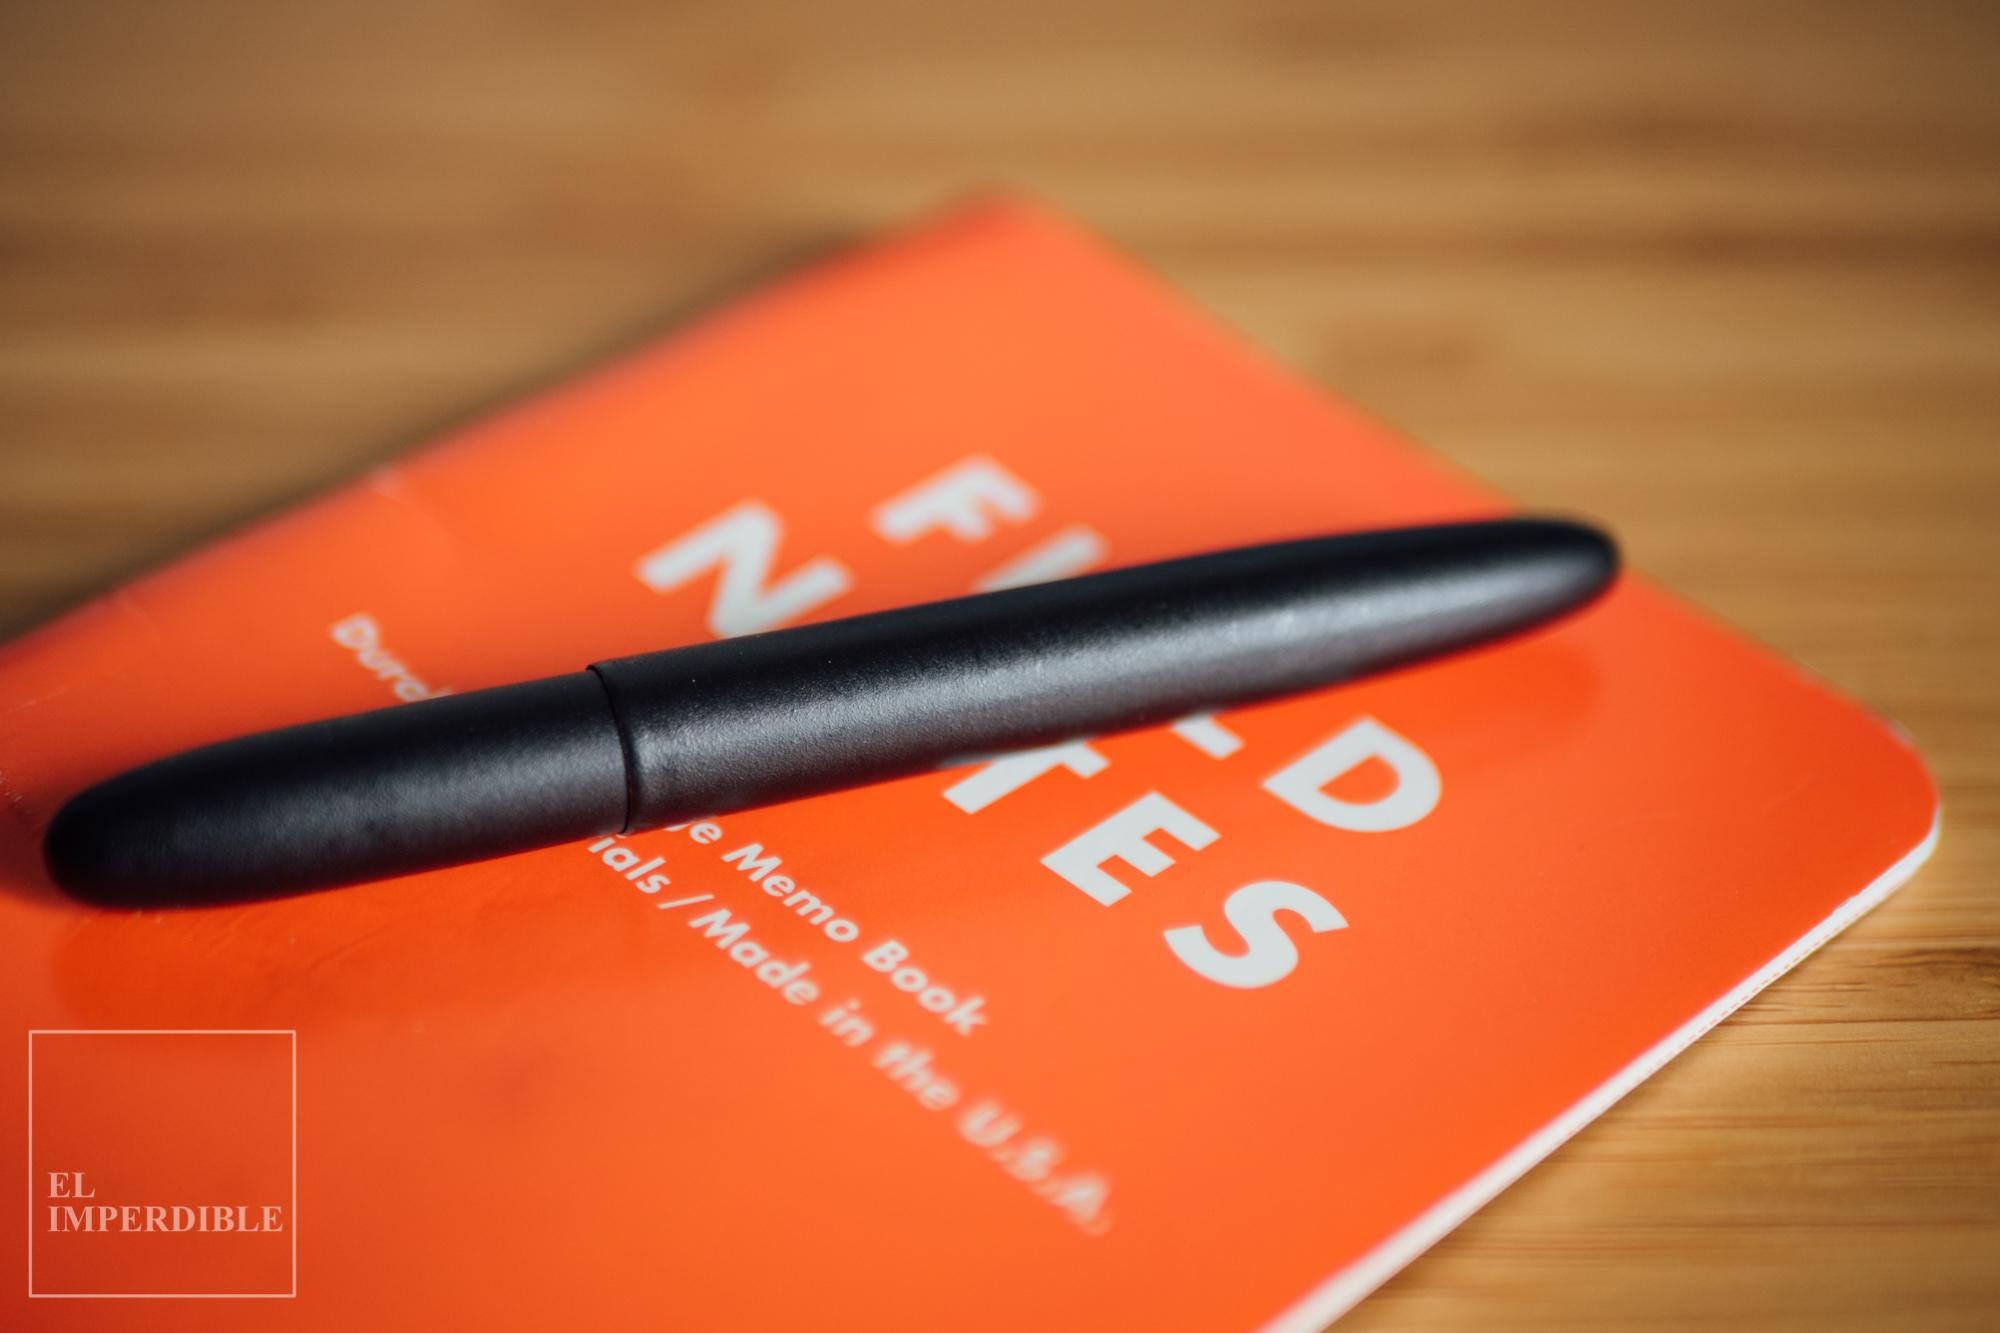 Kit de papelería para escritores Fisher Space Pen